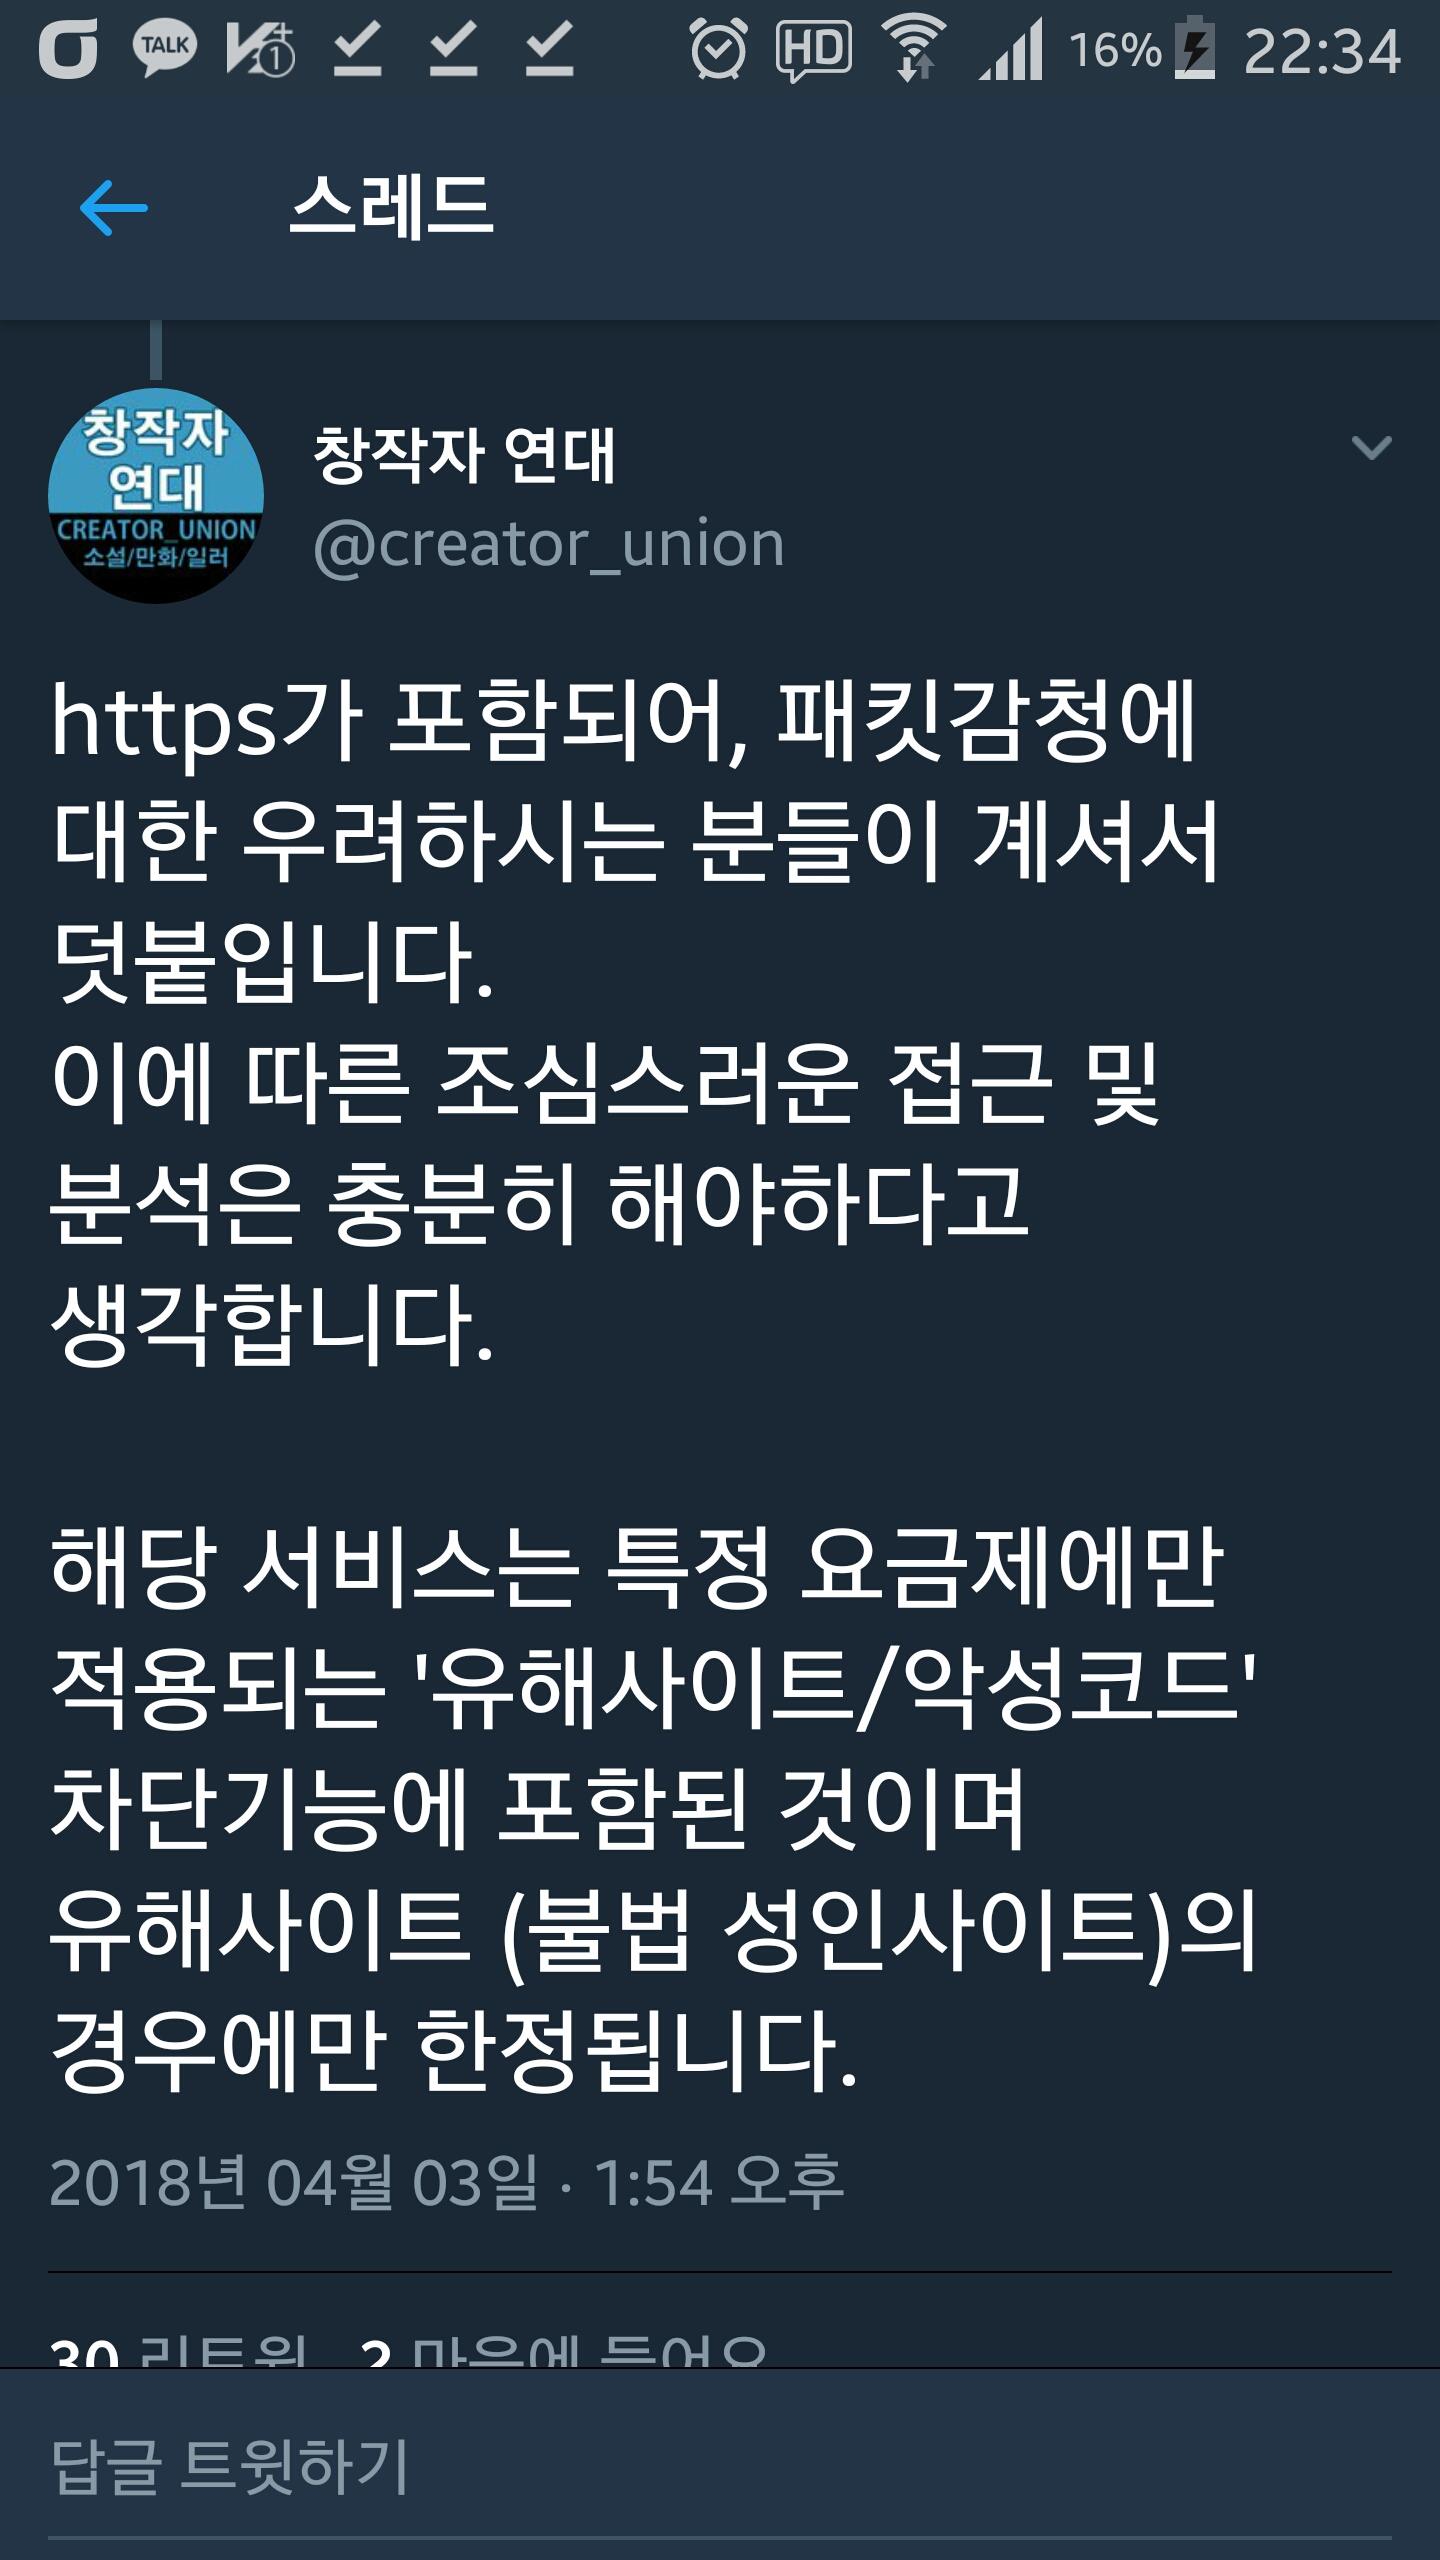 통신감청을 옹호하시는 창작자 연대분들 화이팅!!!